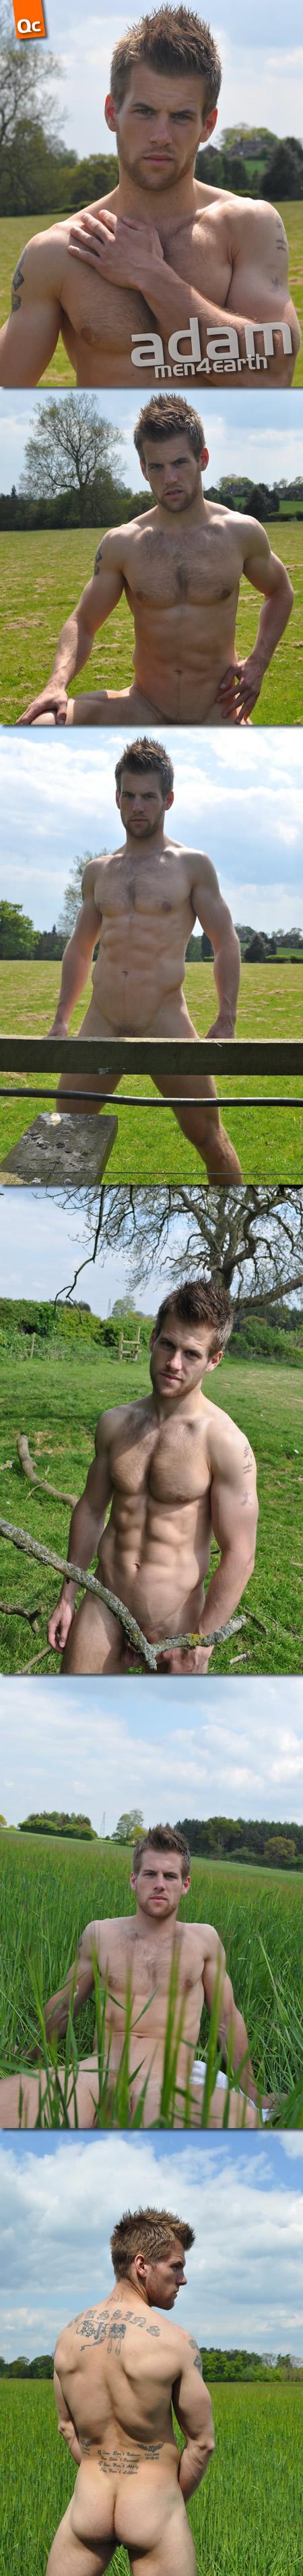 Men4earth: Adam Coussins